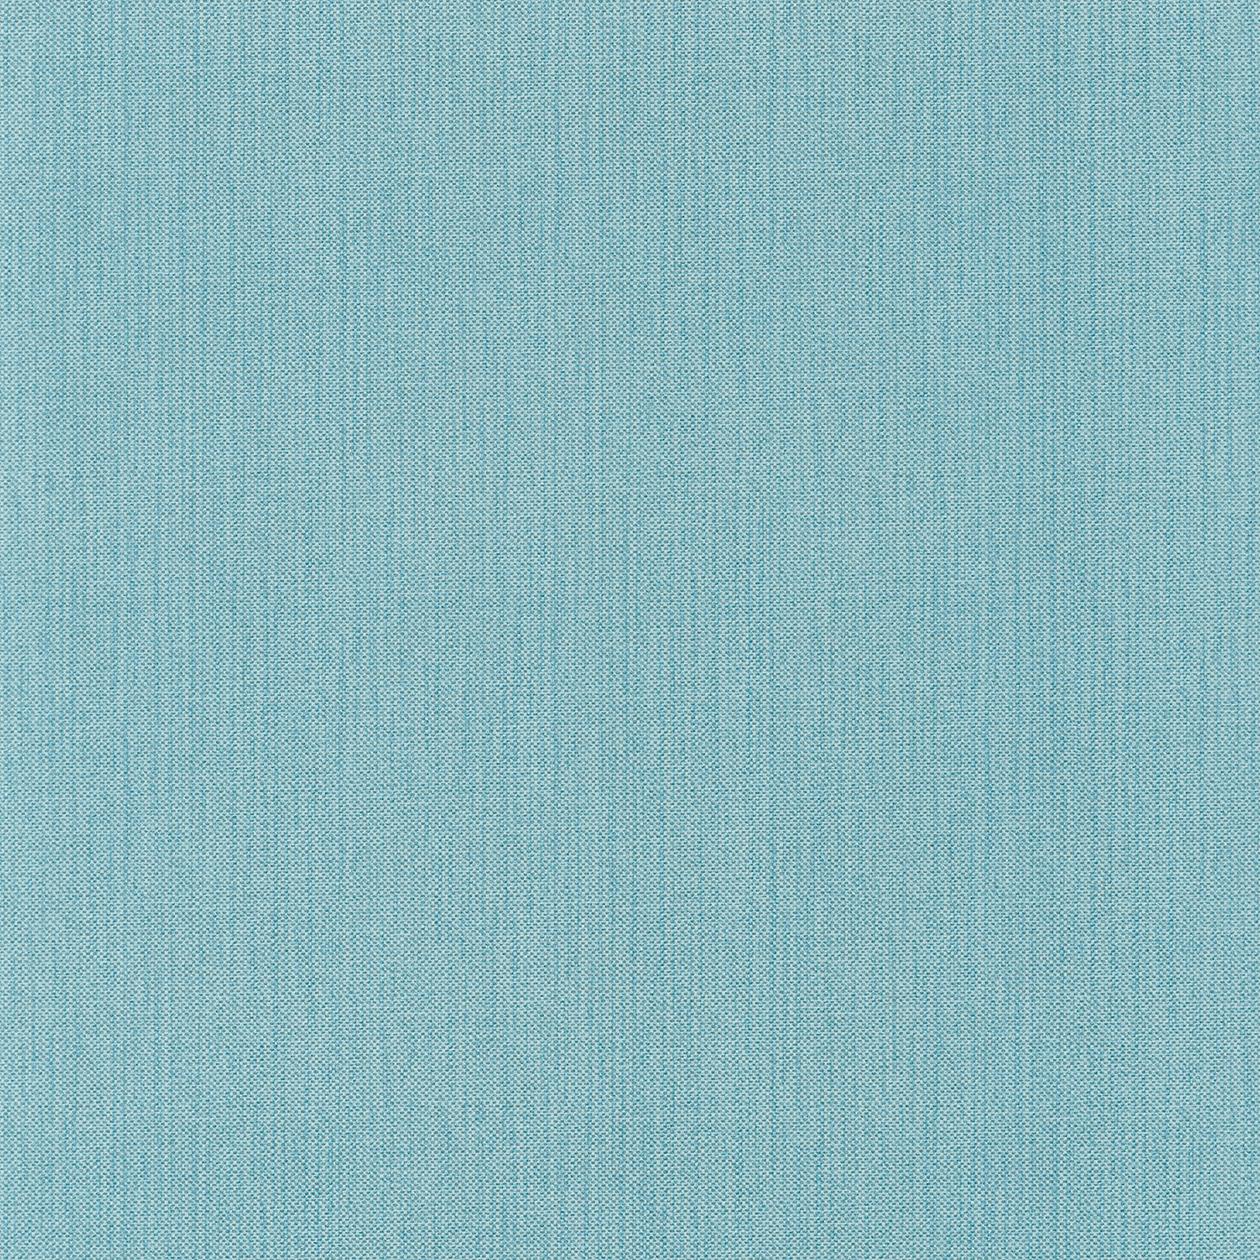 Обои Caselio Natte (53 см) 101566160